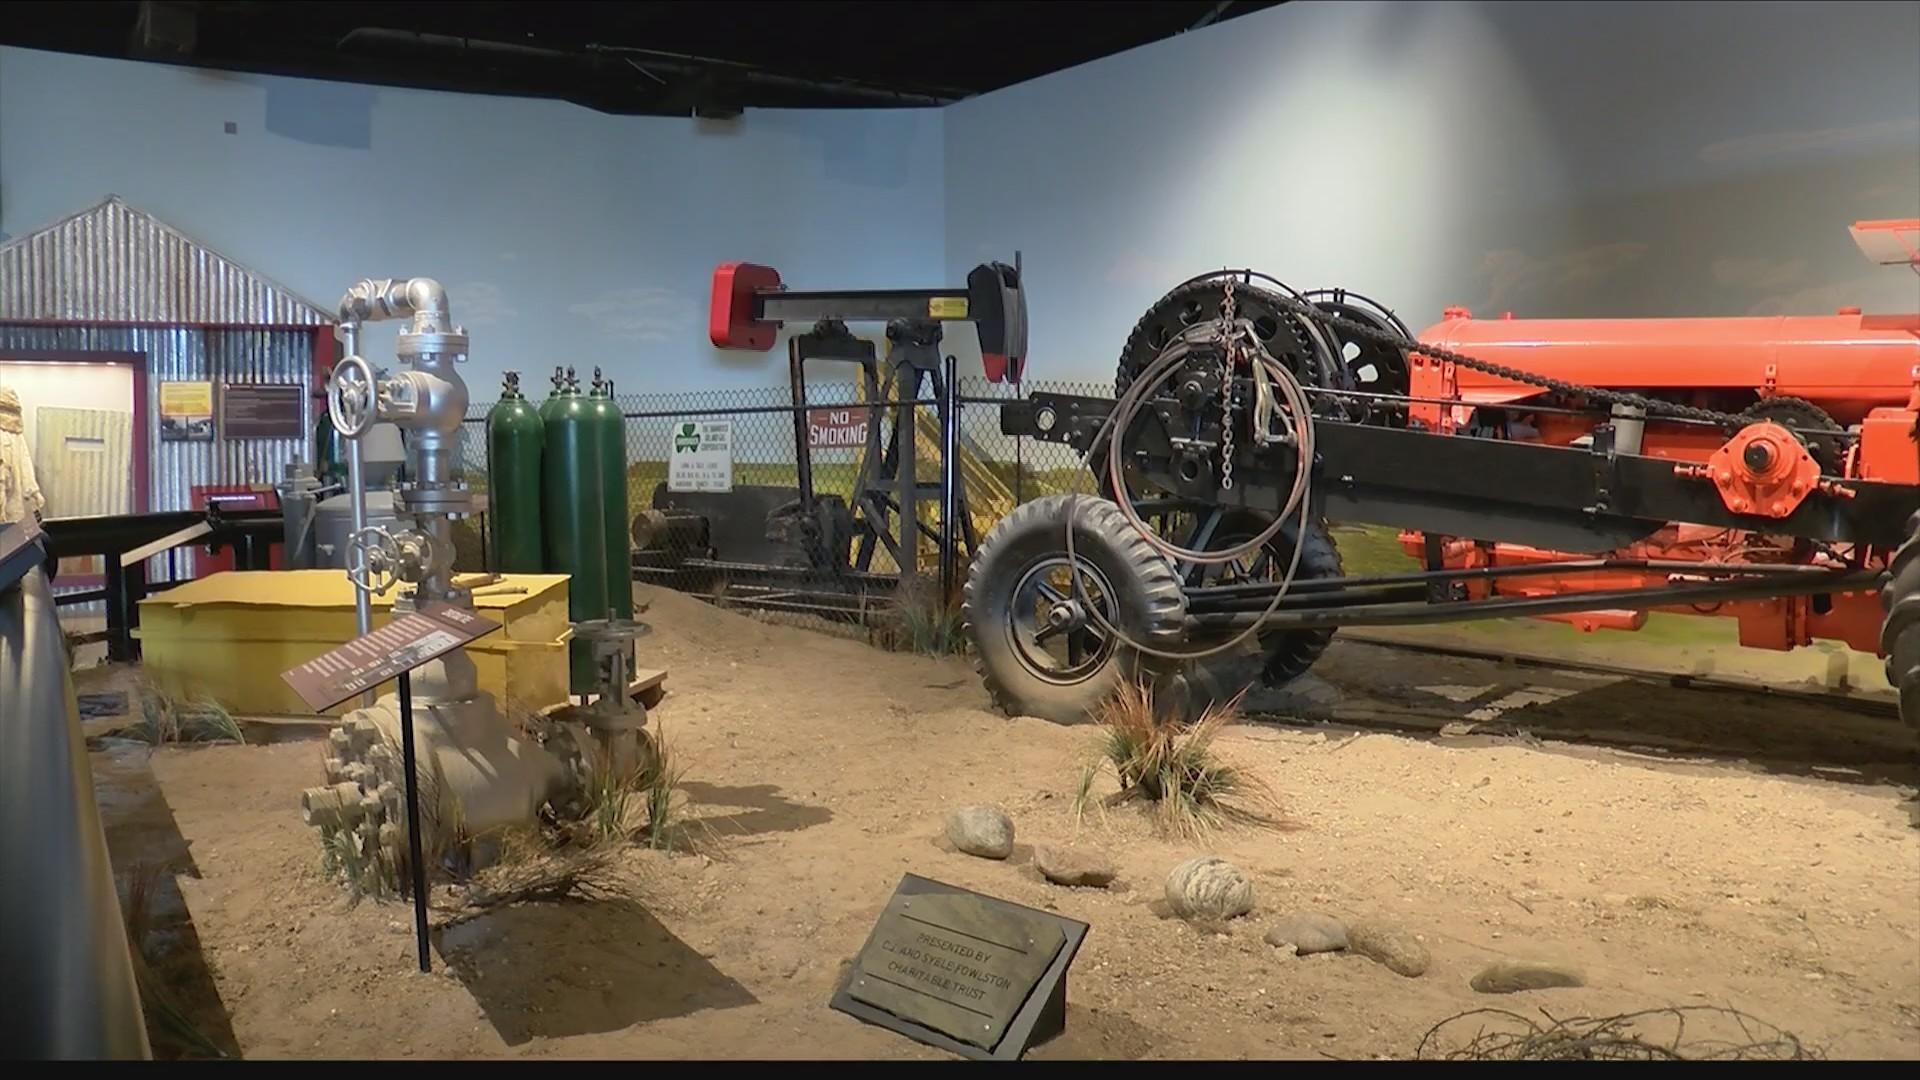 Panhandle_Plains_Historical_Museum_Facin_0_20190110041224